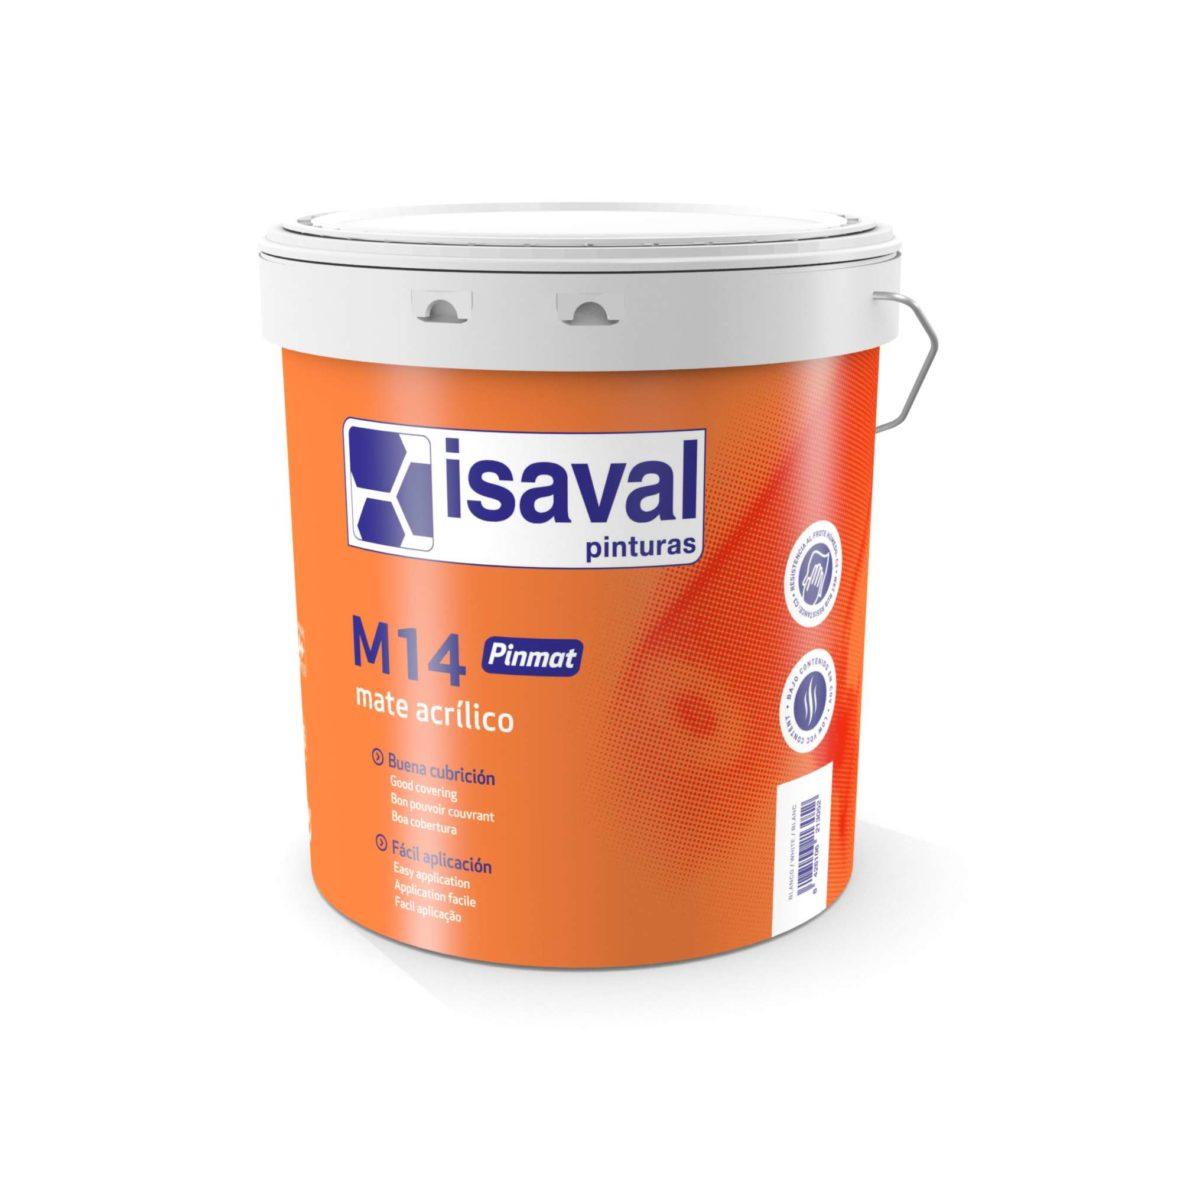 M14 Pinmat de Pinturas Isaval